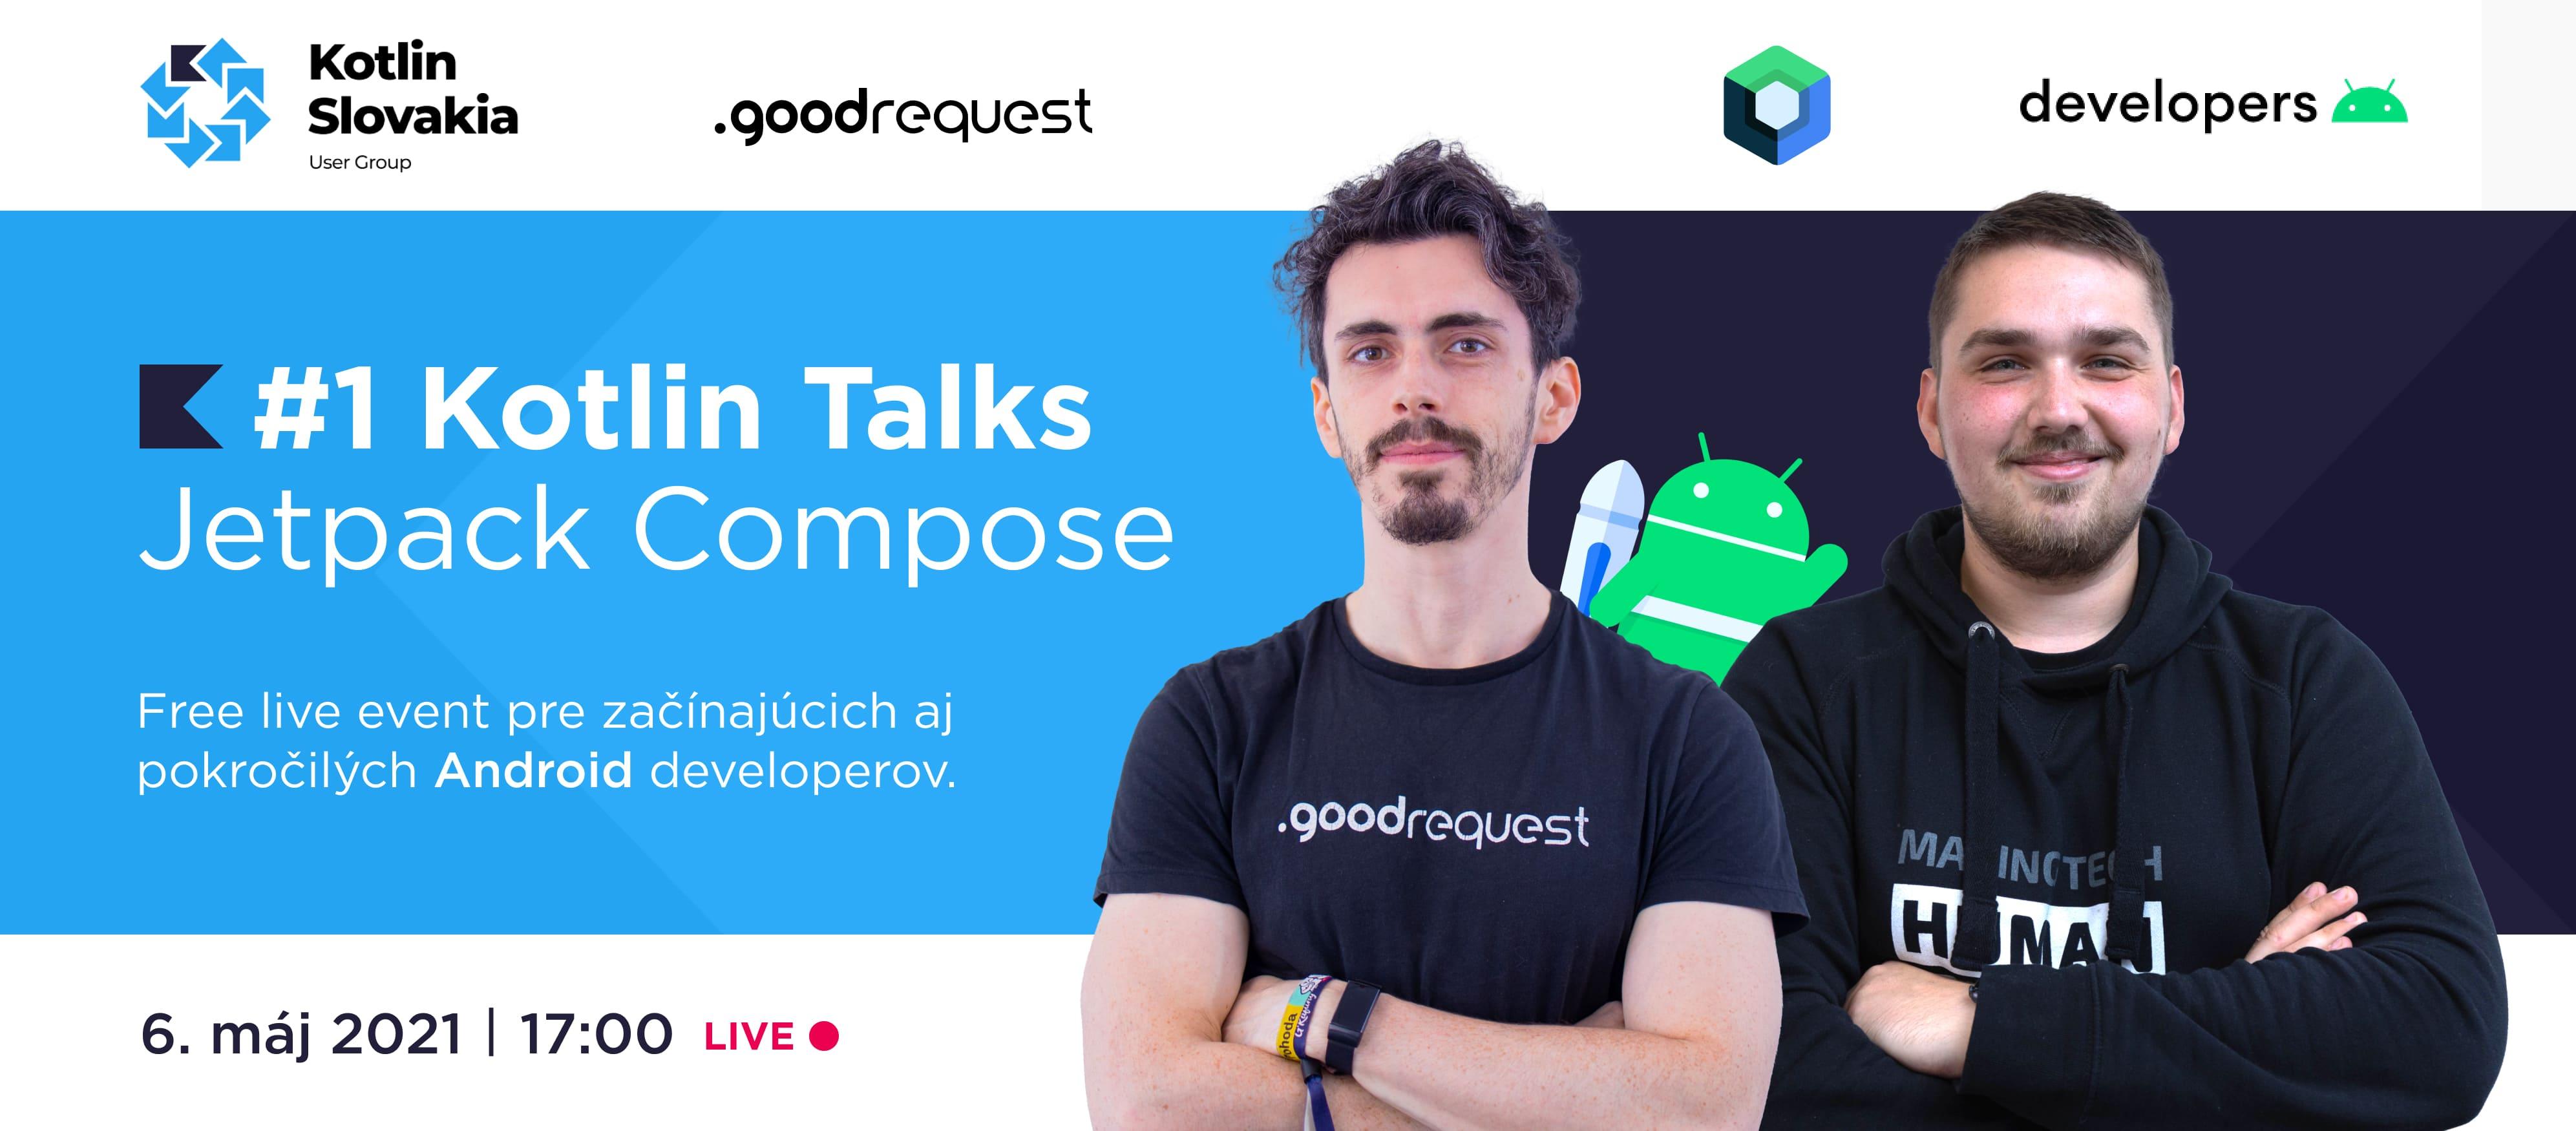 #1 Kotlin Talks - Jetpack Compose